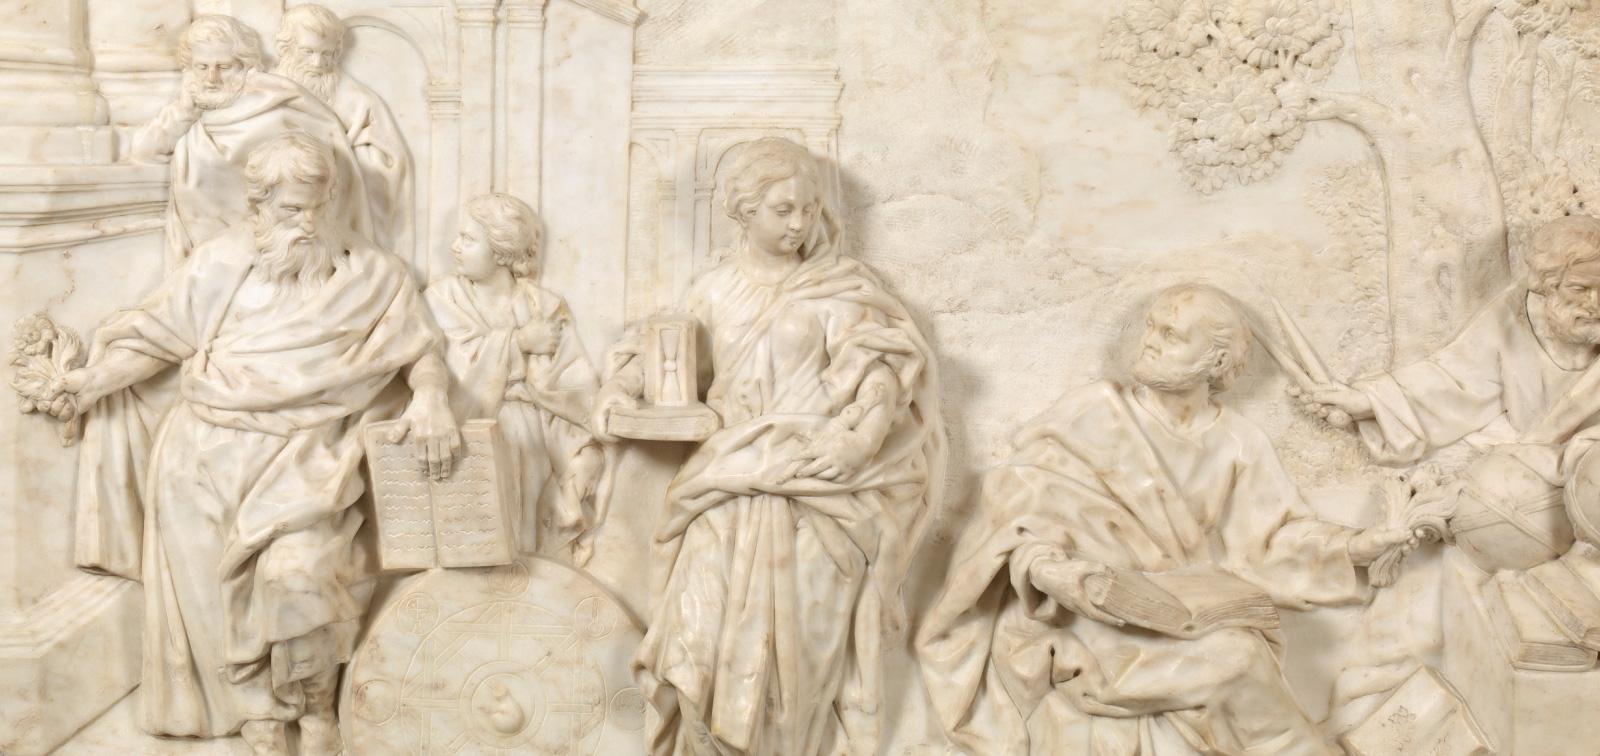 Una obra, un artista: <em>Relieves del Palacio Real</em>